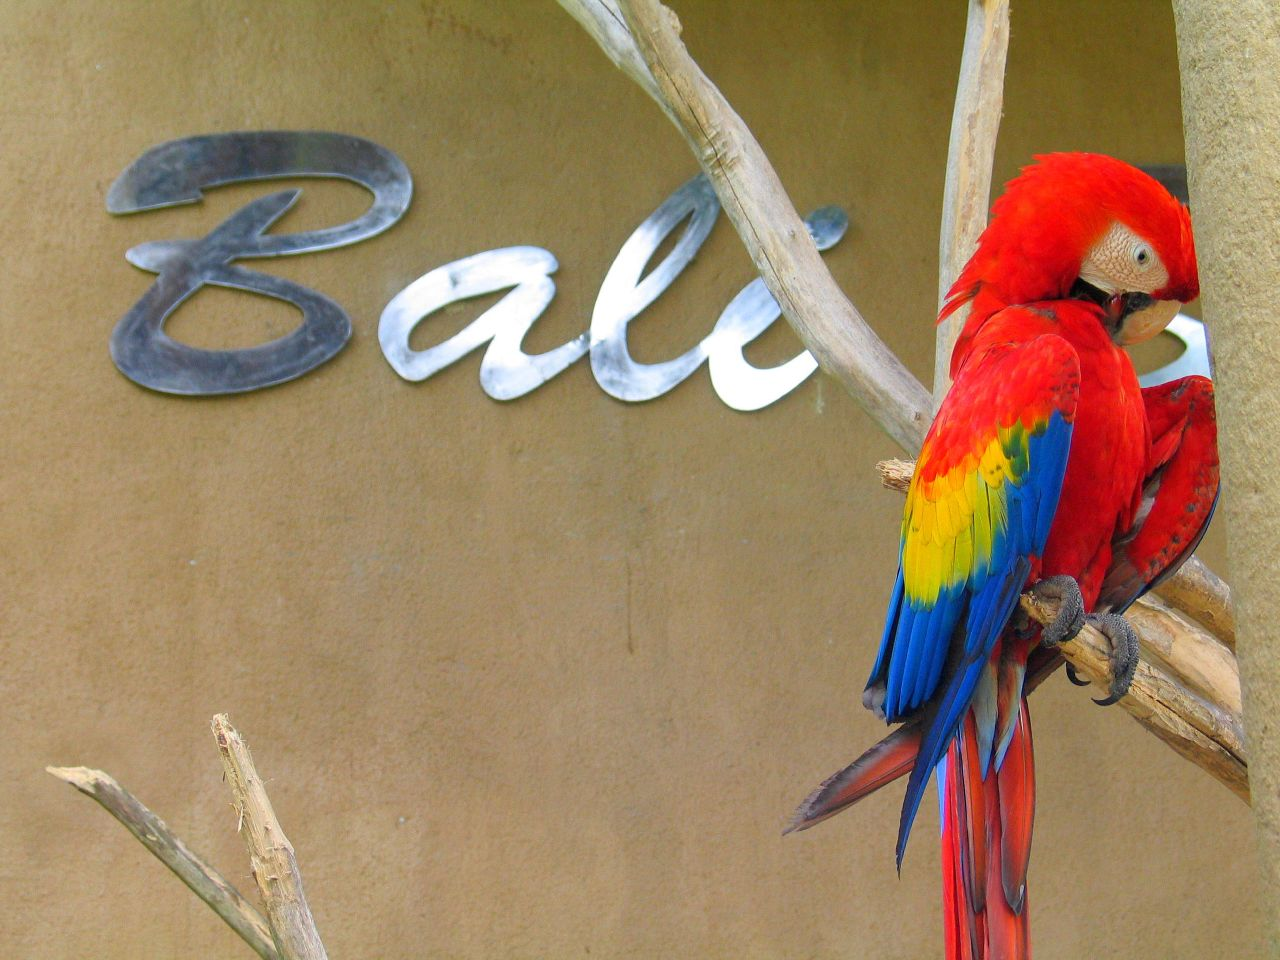 Bali Putnu parks